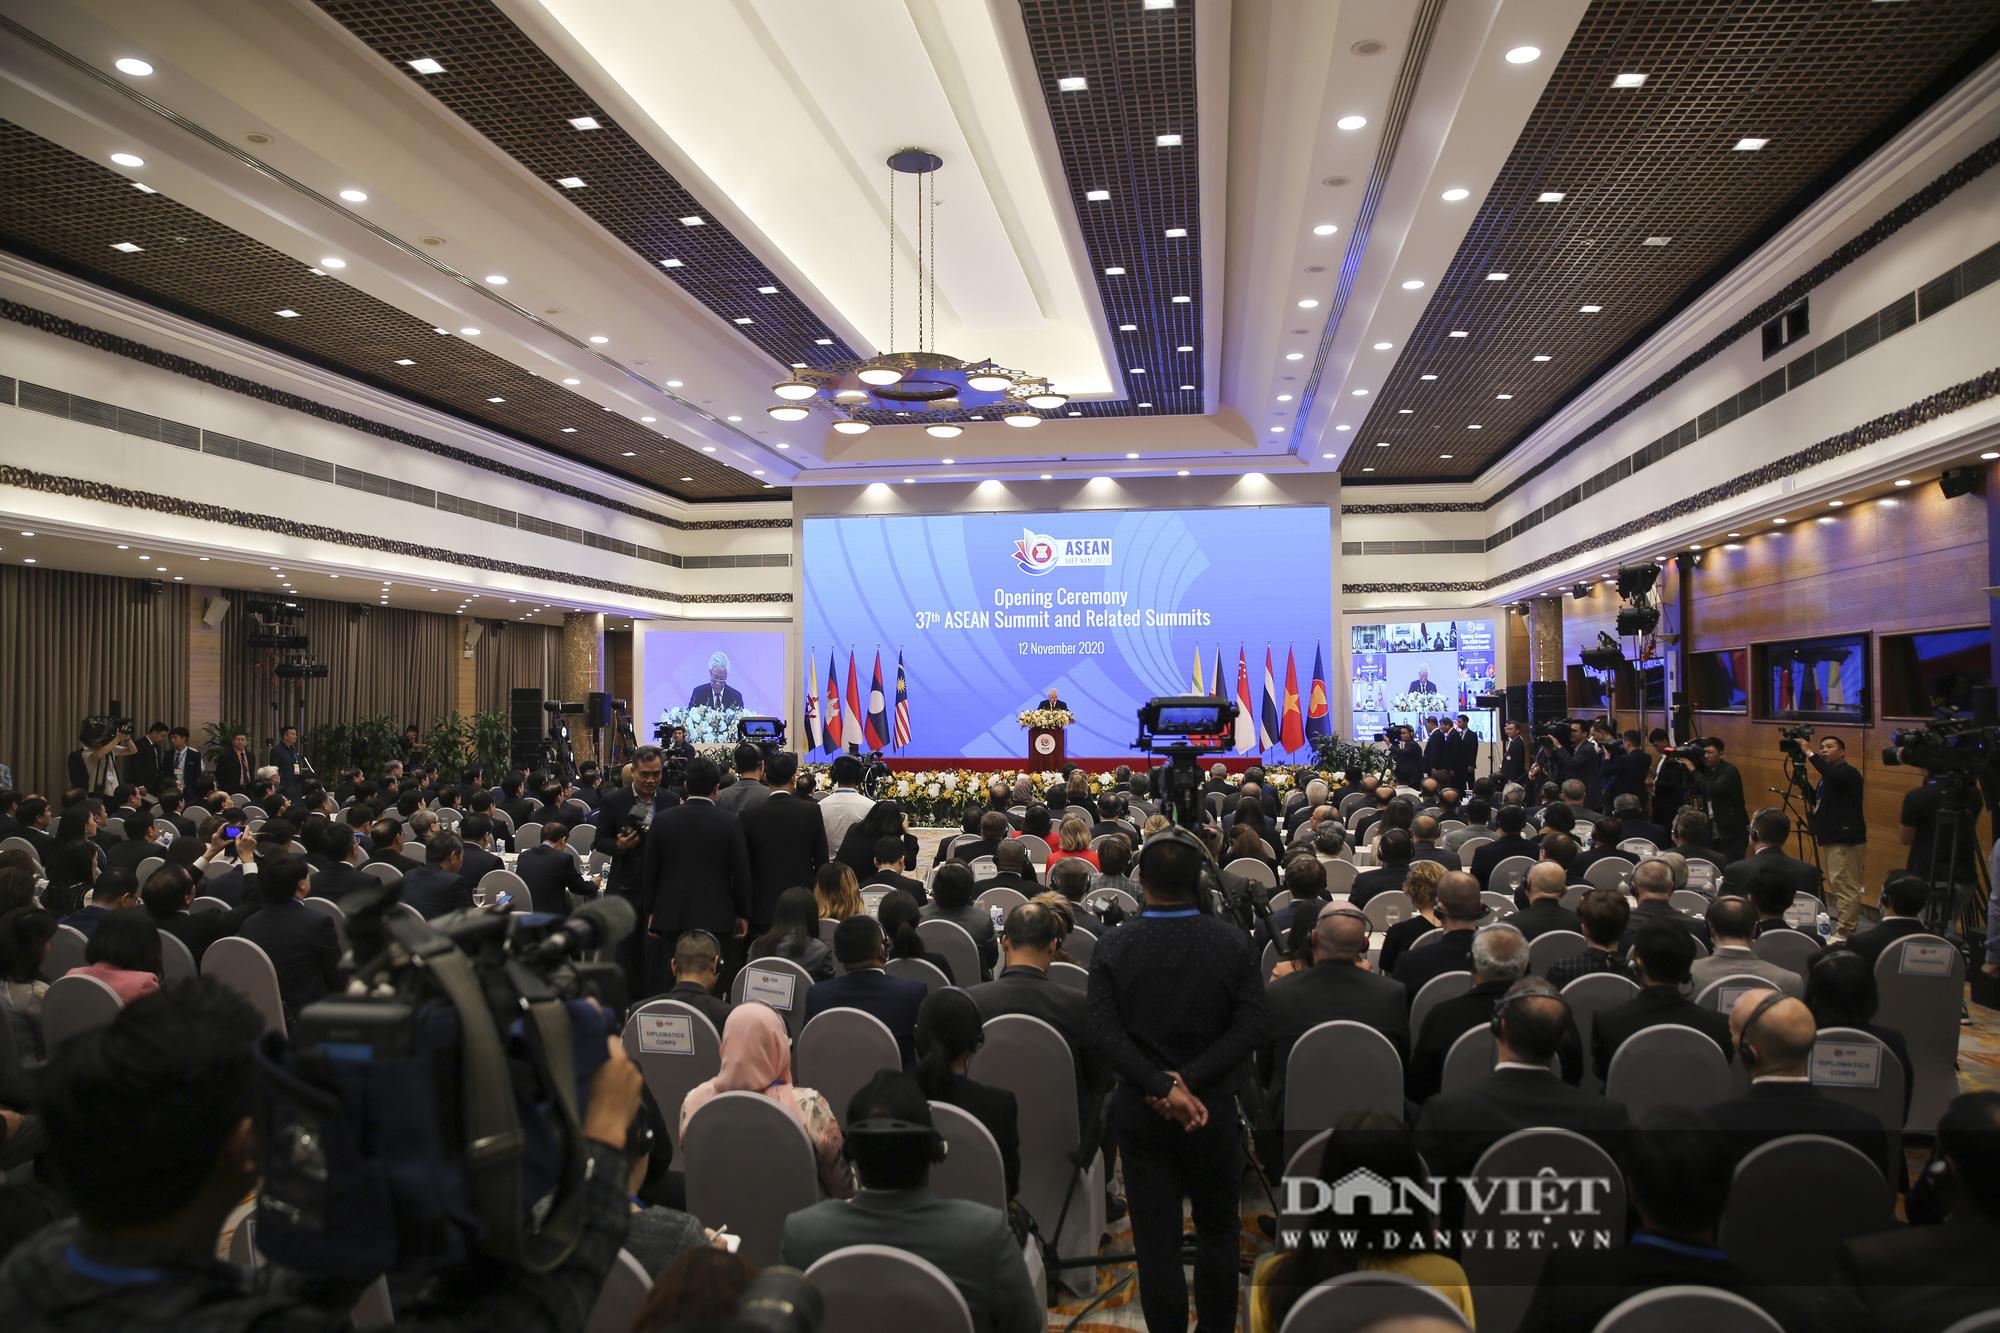 Toàn cảnh Khai mạc Hội nghị Cấp cao ASEAN lần thứ 37 - Ảnh 10.